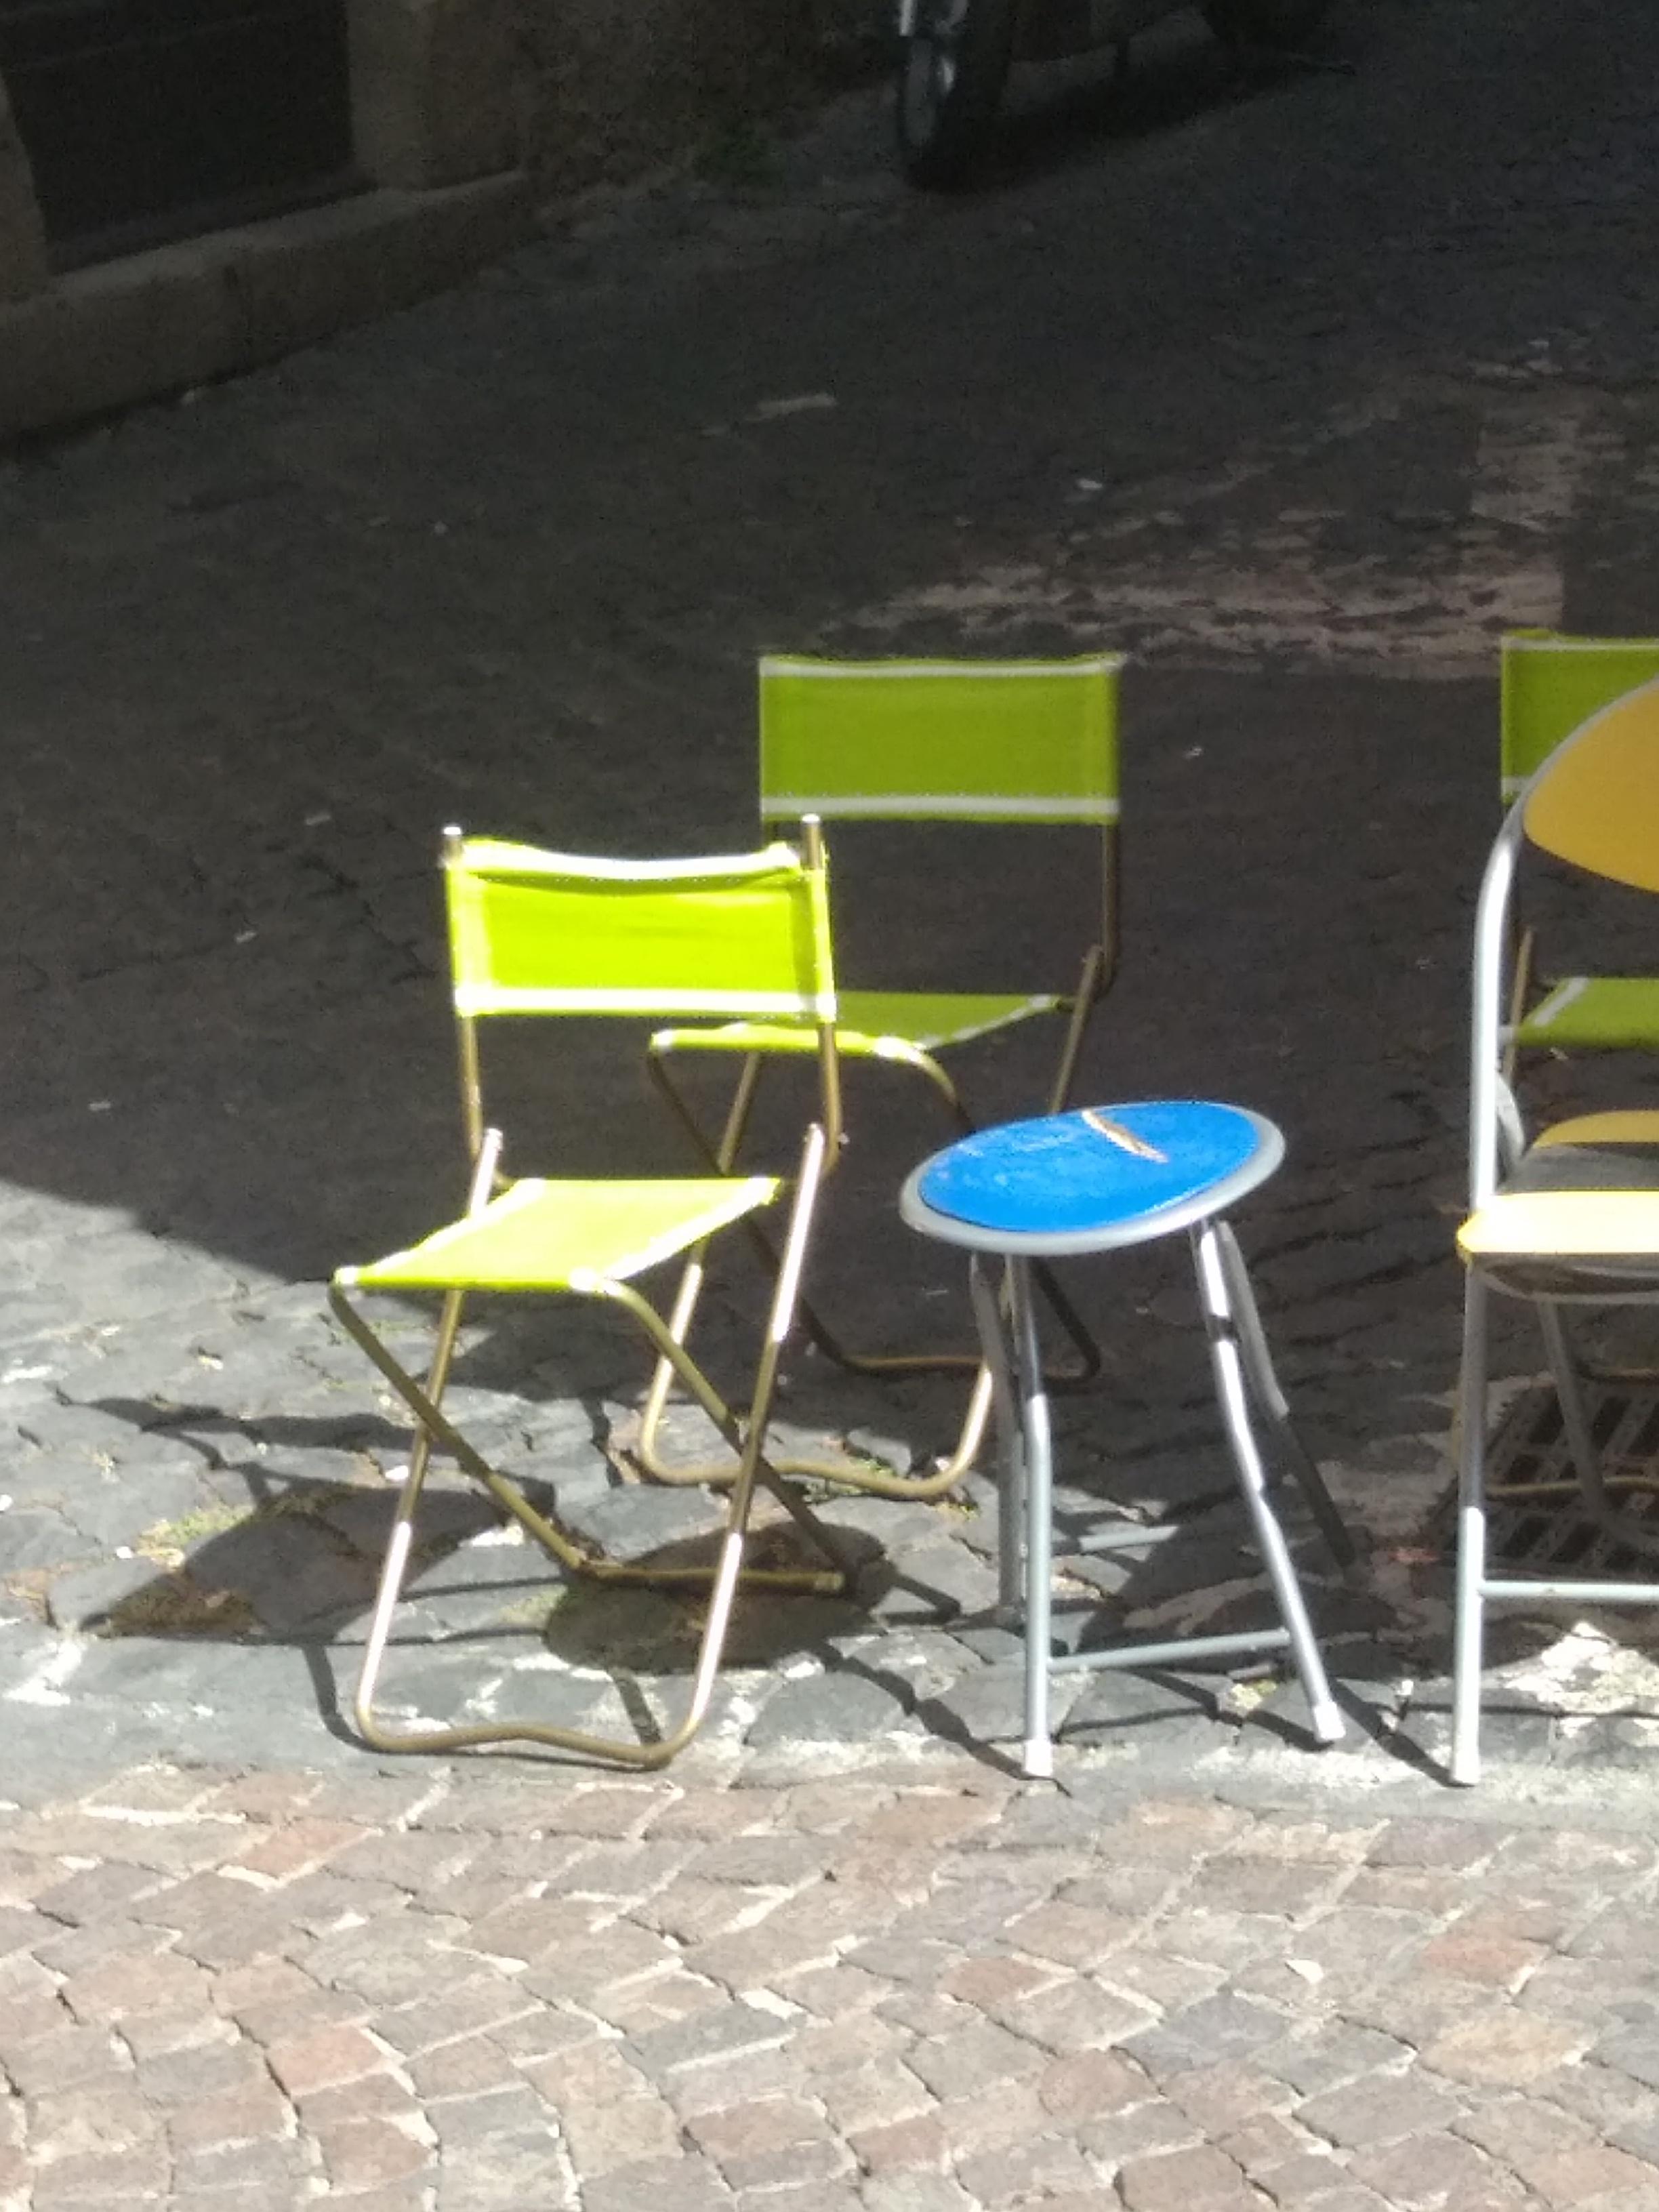 Viterbo, Santa Rosa : pro memoria, dalle 15 vietato dislocare sedie o altro sul percorso della Macchina, l'ordinanza del Sindaco